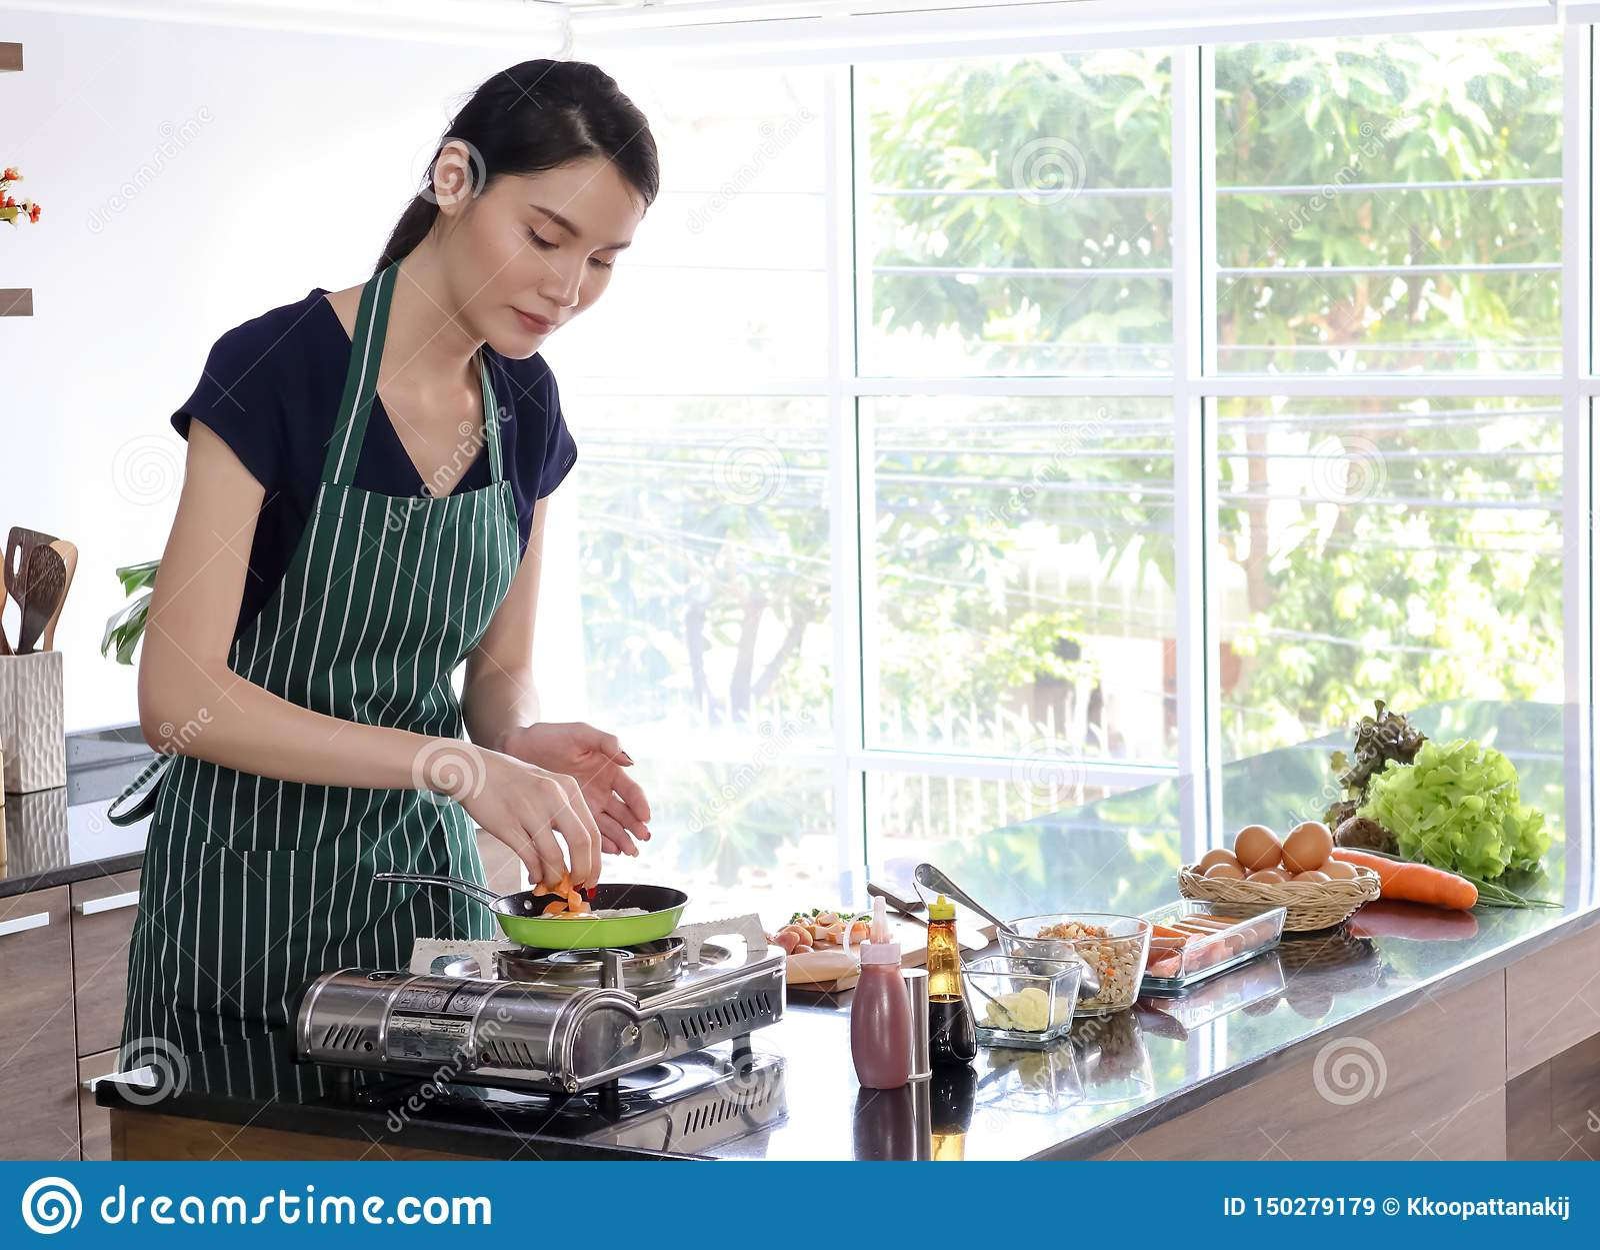 Młoda piękna Azjatycka kobieta z zielonymi lampasa fartucha kucharzami na niecce